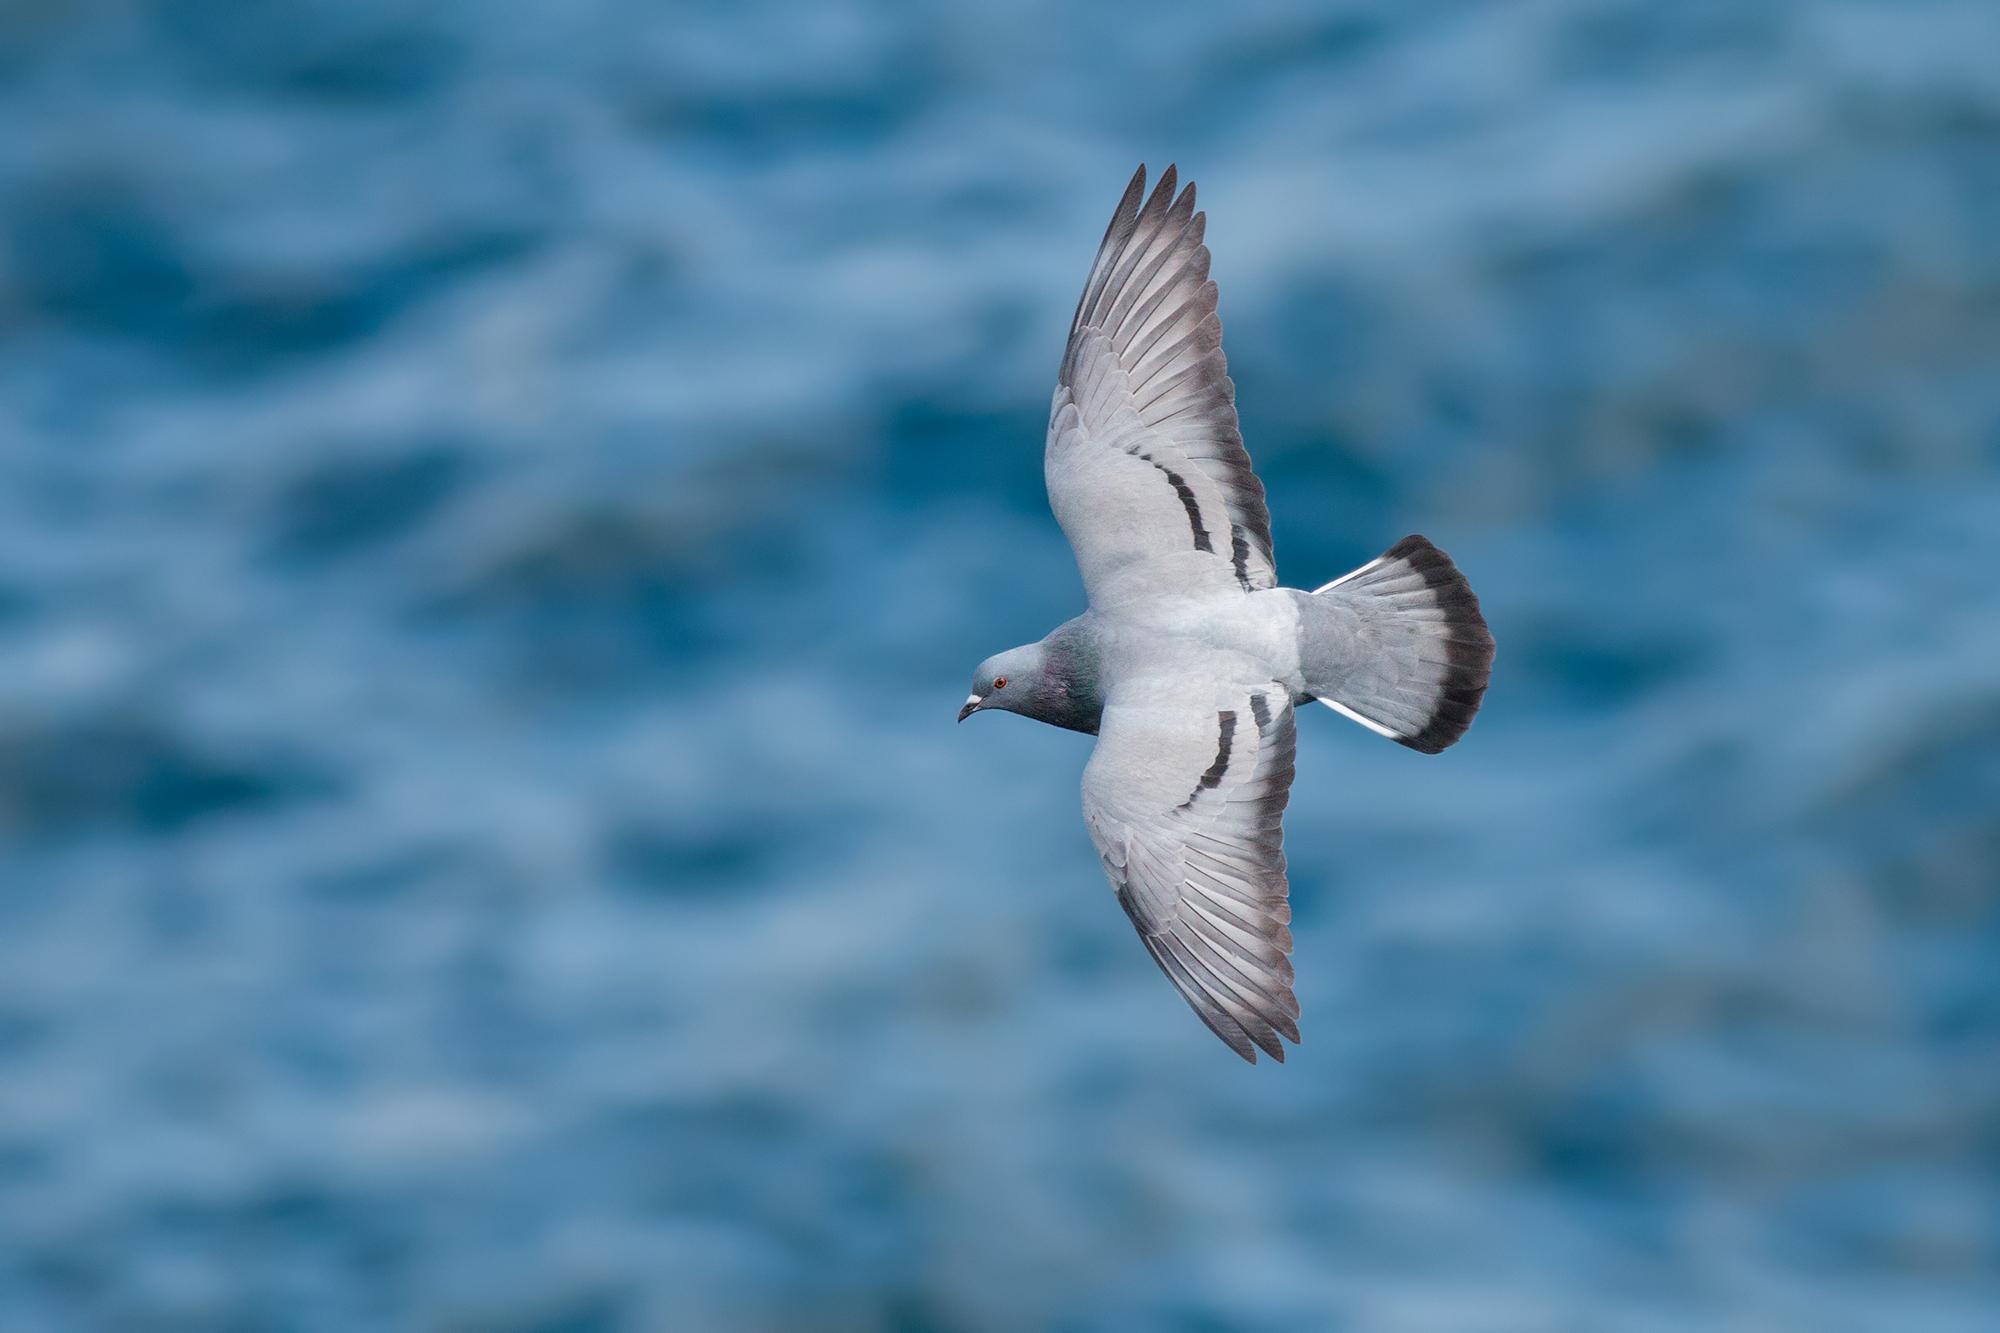 Rock-Pigeon-JPEG_web.jpg